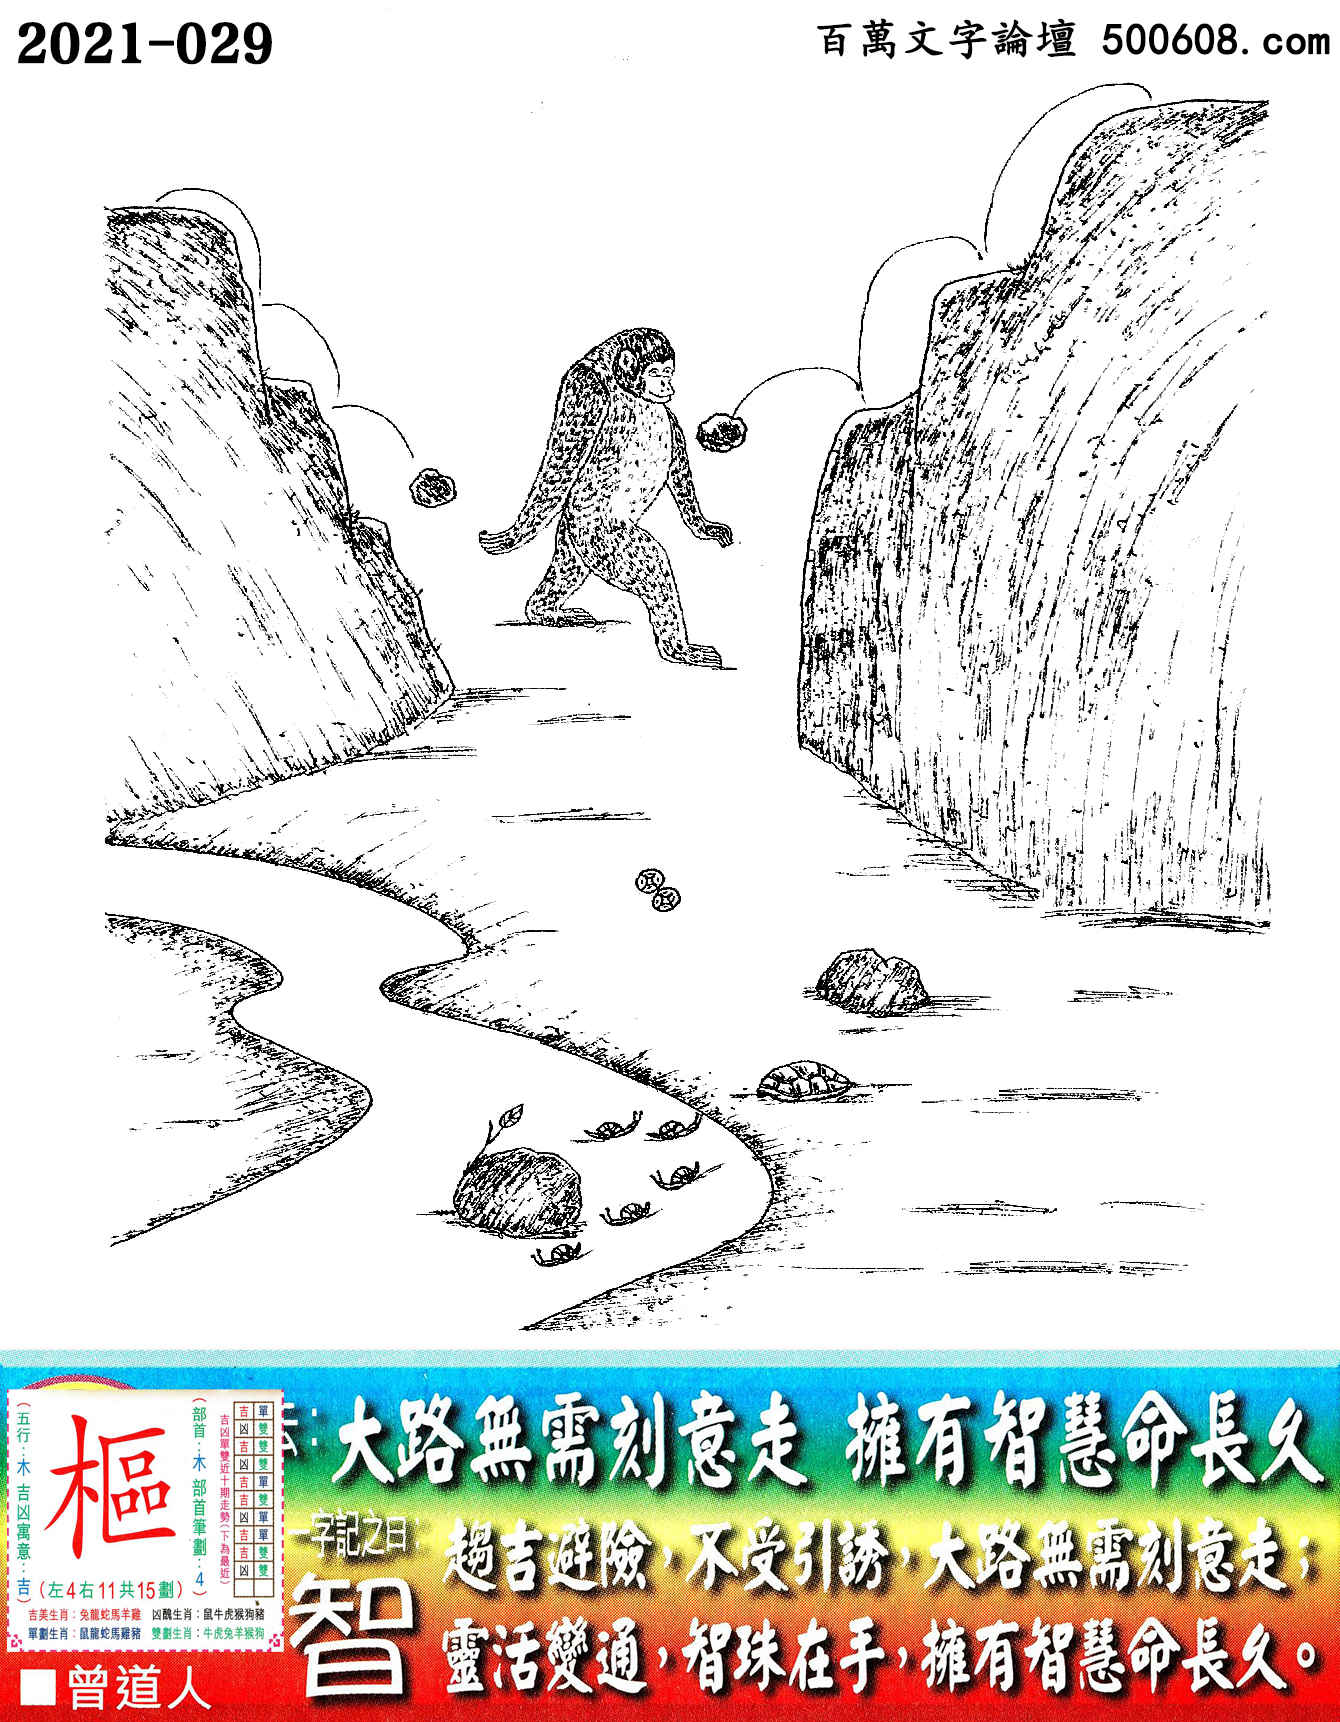 029期老版跑狗一字�之曰:【智】_��:大路�o需刻意走,�碛兄腔勖��L久。